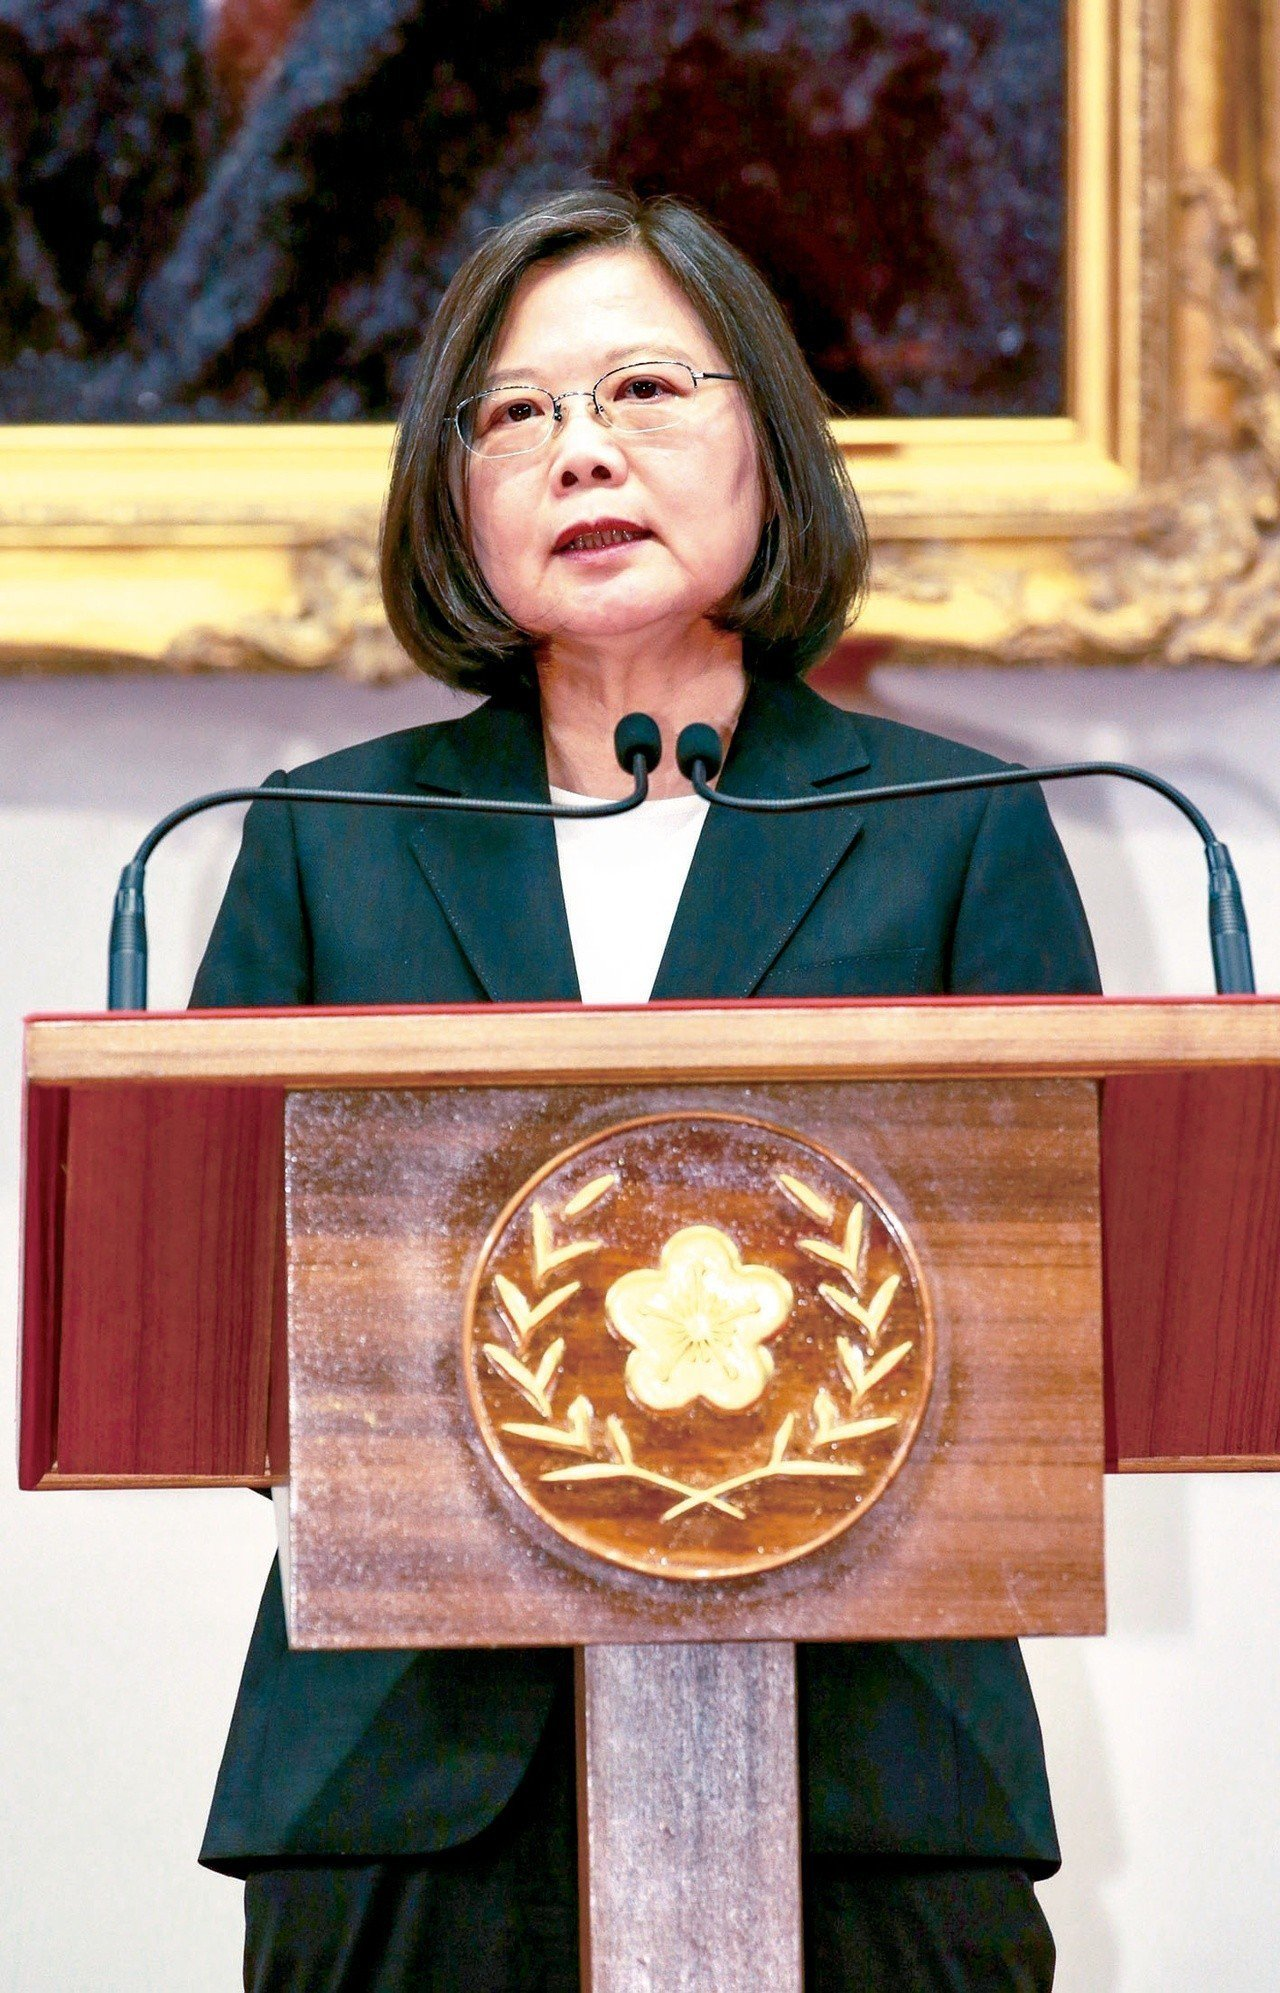 蔡總統表示,近來亞太地區的情勢,不論是在台海、南海或是韓半島,正在發生許多變化,...